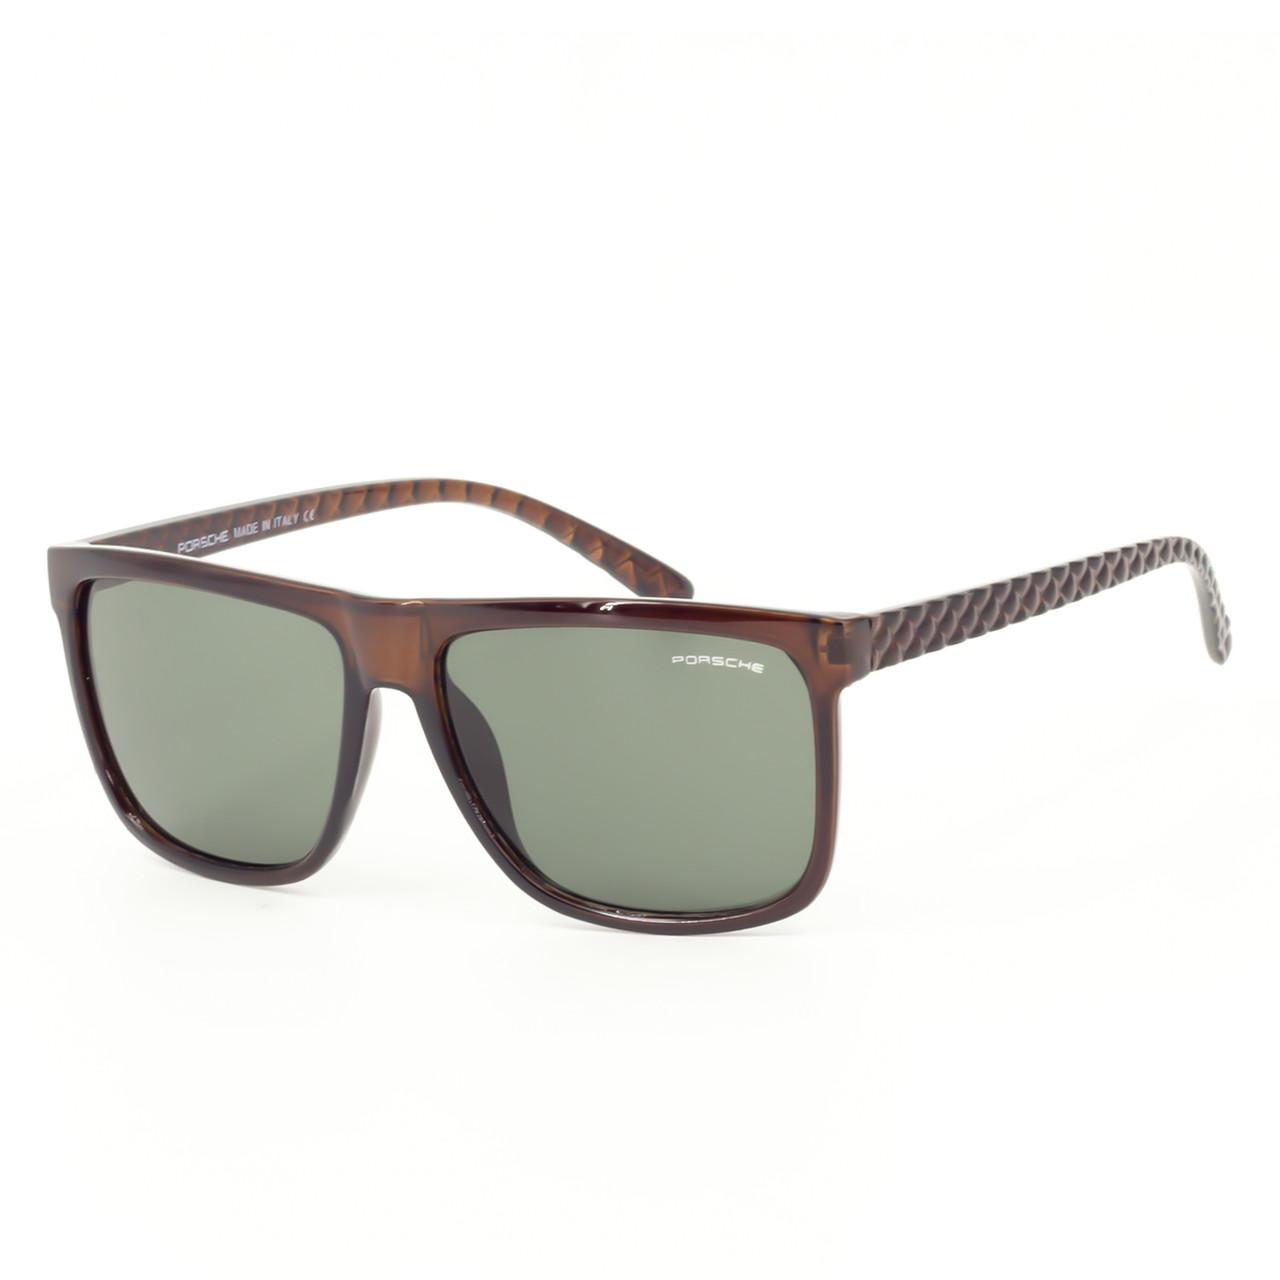 Солнцезащитные очки Porsche R2816 C3 коричневые     ( R2816-03 )